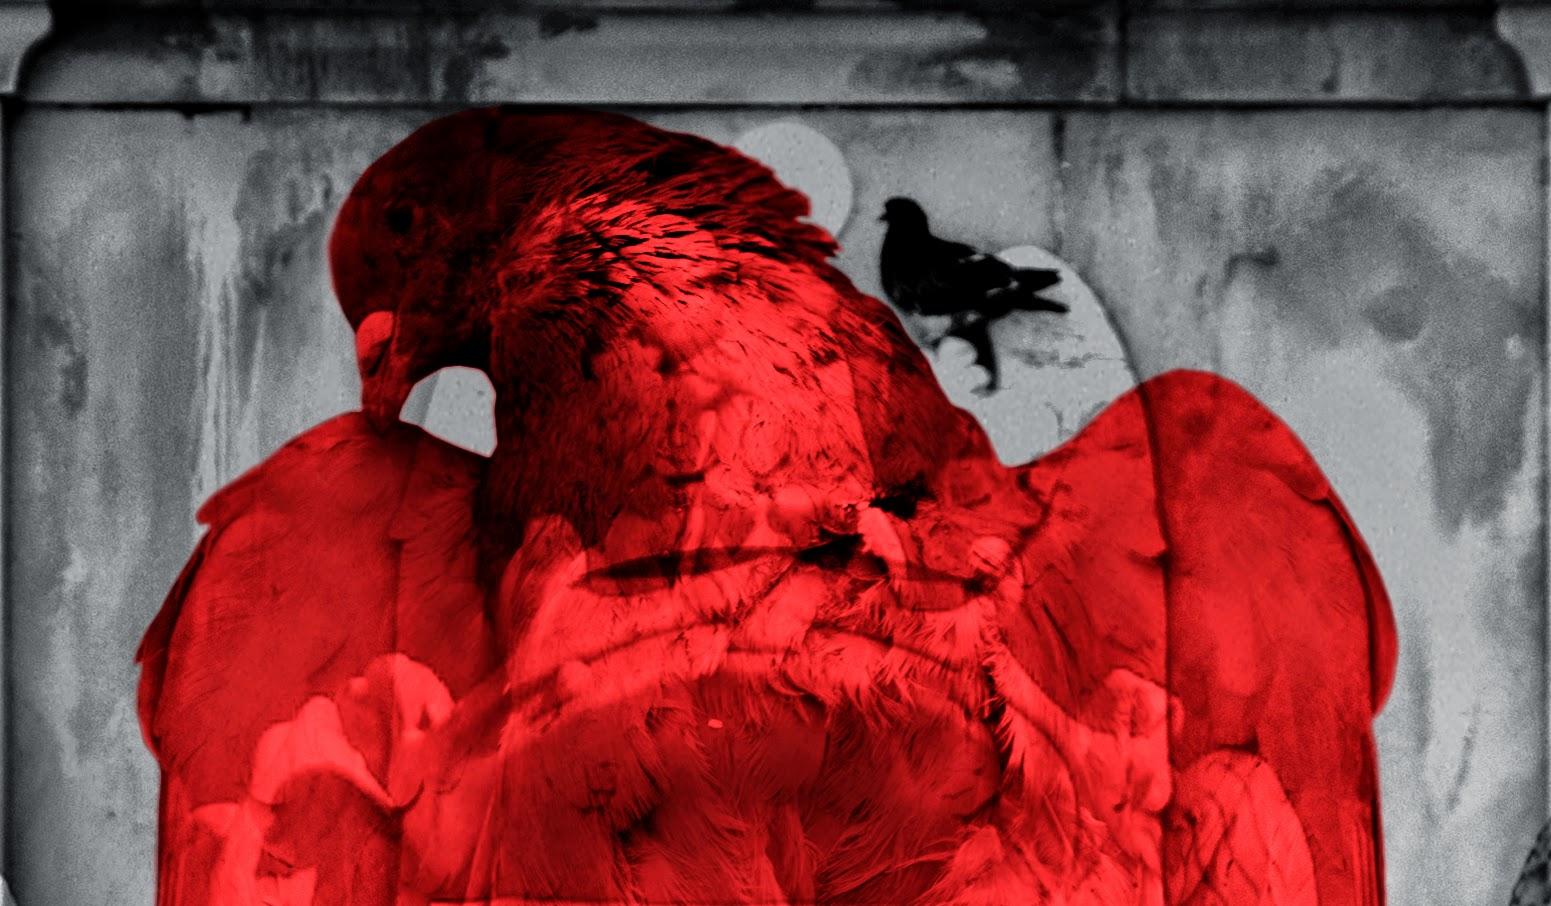 detalle de la maqueta águila roja paloma negra 1